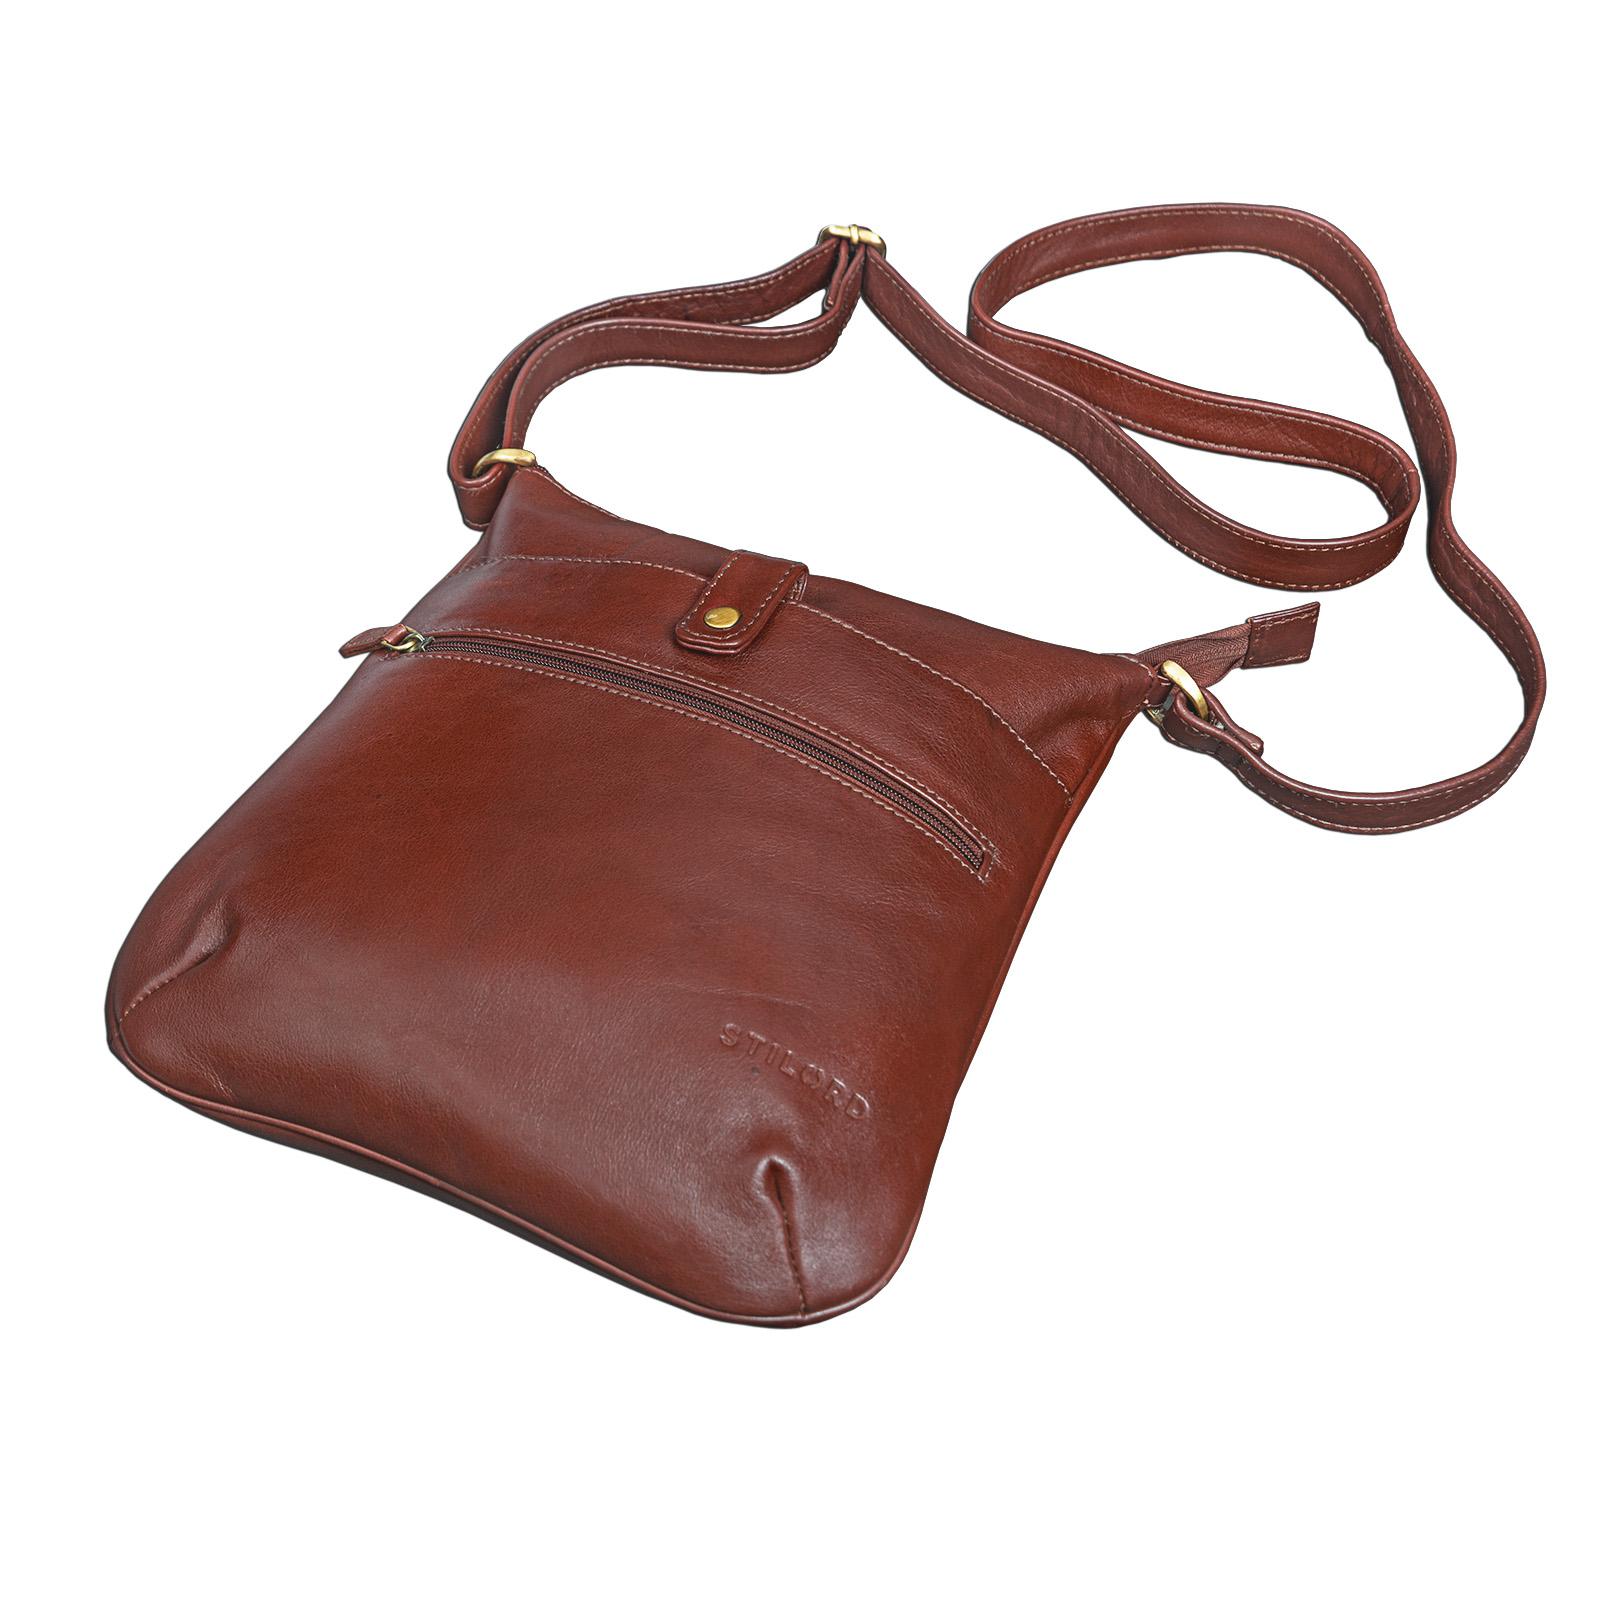 """STILORD """"Lina"""" Elegante Vintage Damen Umhängetasche Schultertasche klein Abendtasche klassische Handtasche 10.1 Zoll Tablettasche echtes Leder - Bild 5"""